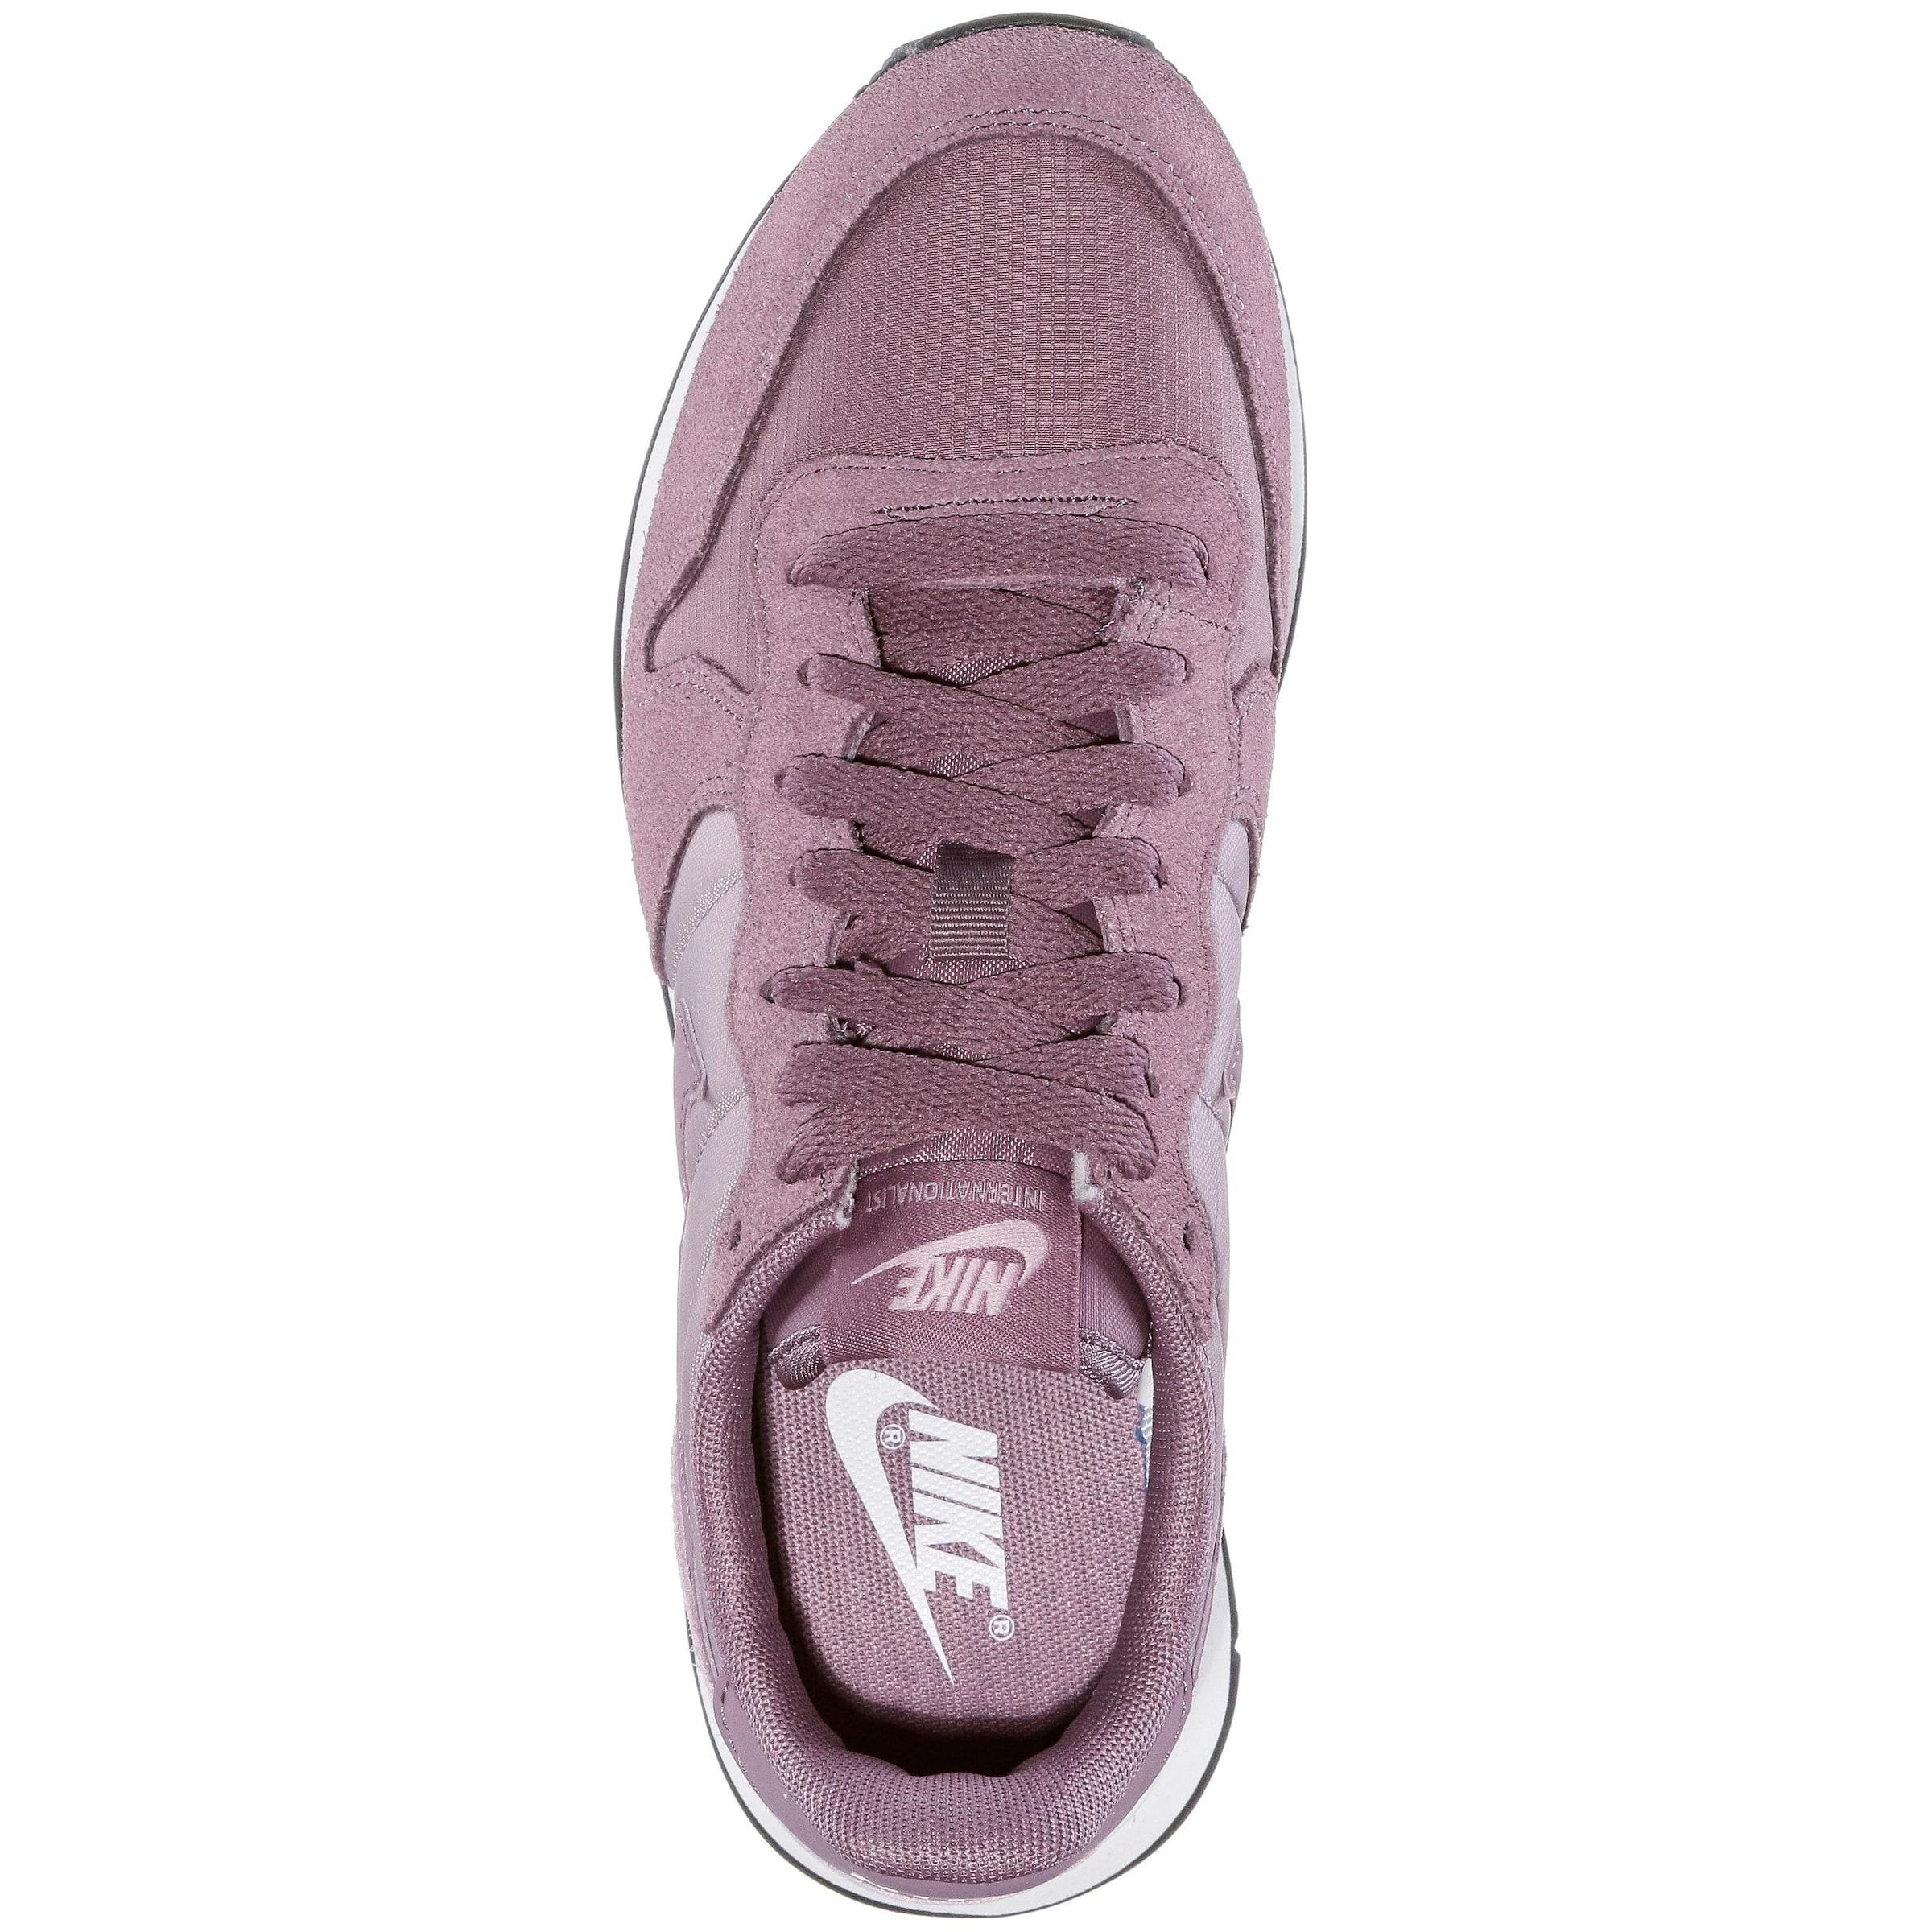 Nike En Sportswear Pastel Basses RoséRose Baskets 'internationalist' dWrCBexo